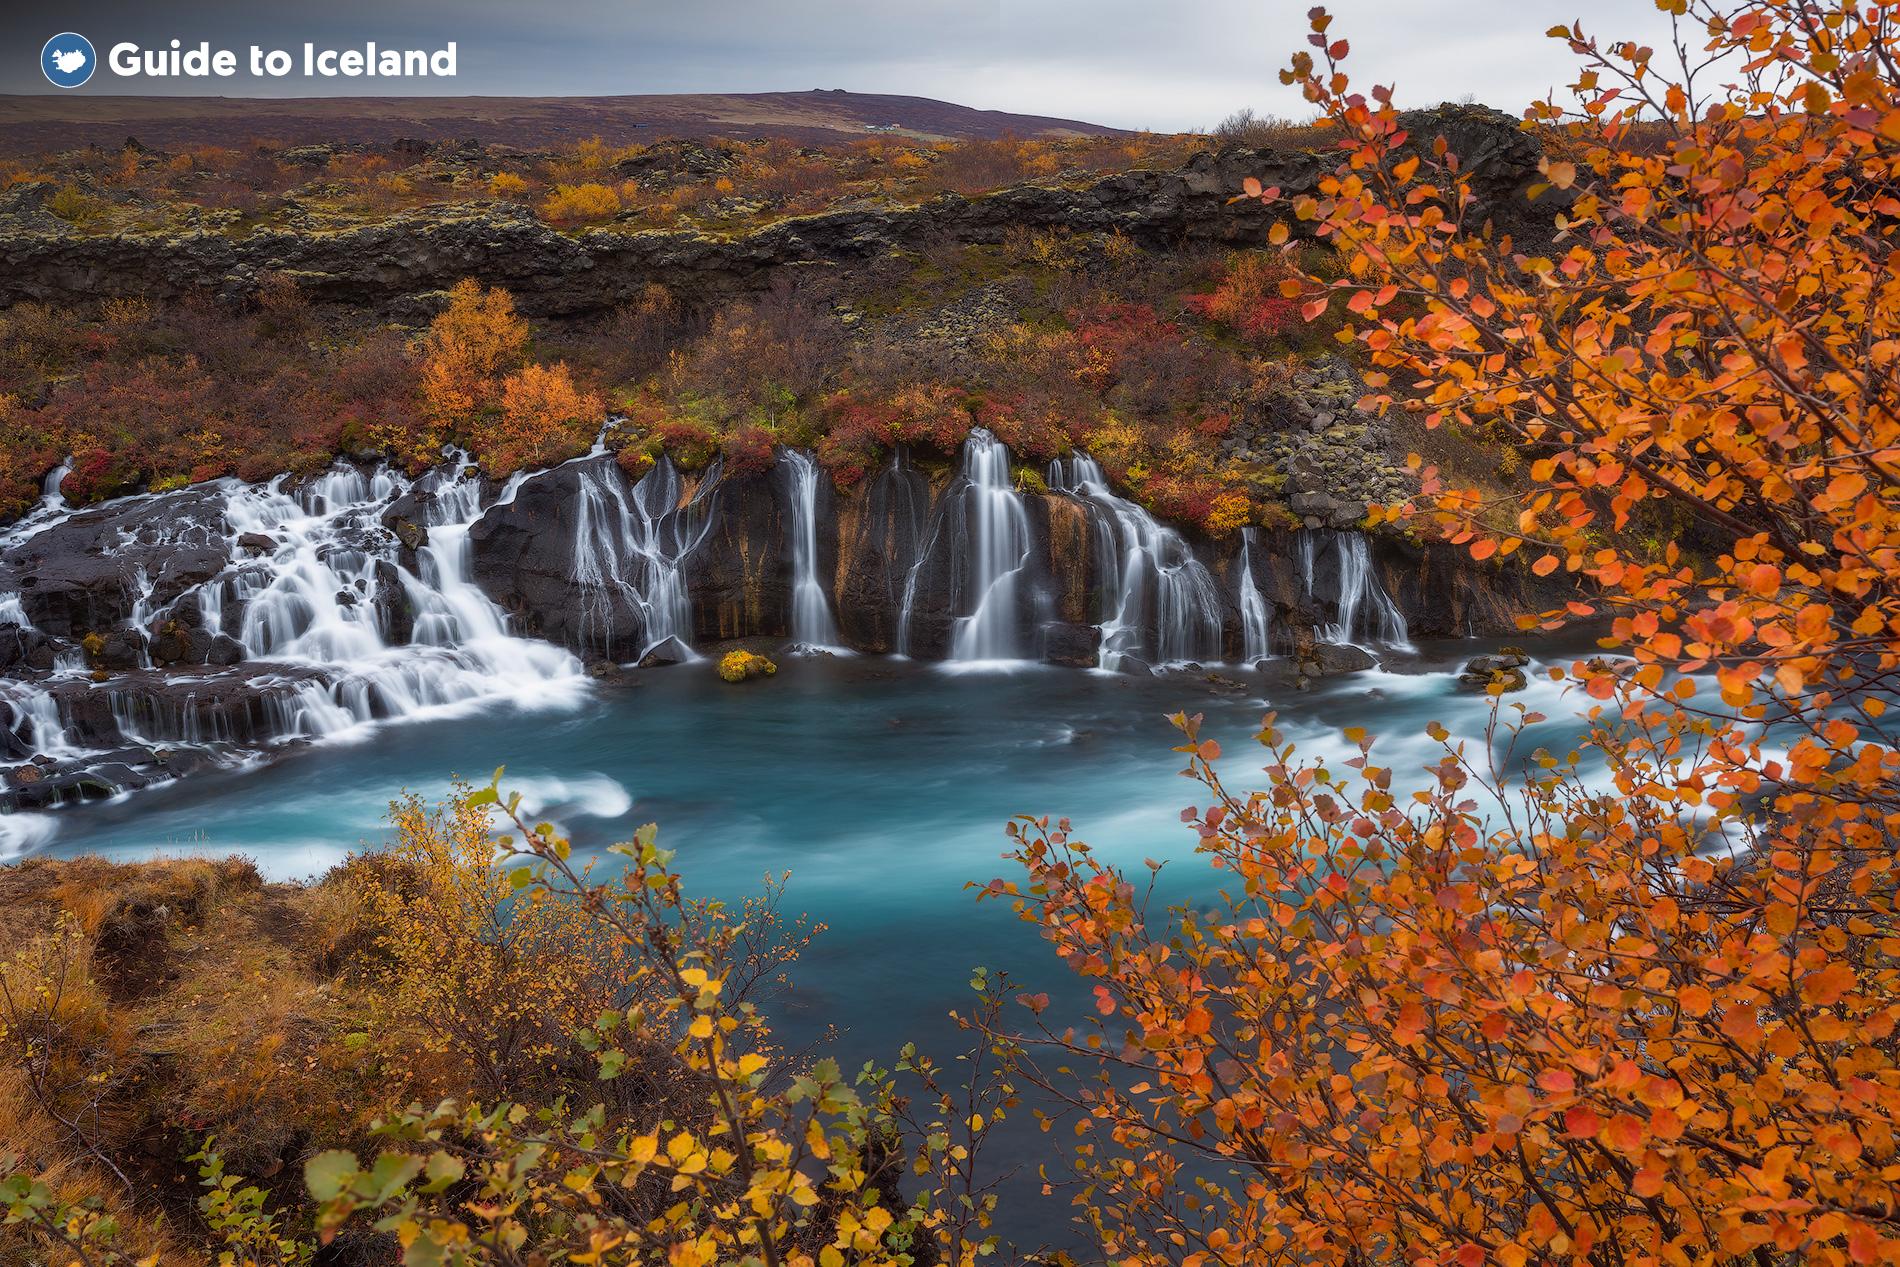 Hraunfossar ist von Vegetation umgeben, die die jeweilige Jahreszeit sehr auffällig widerspiegelt, wie man an dieser Herbstaufnahme sieht.